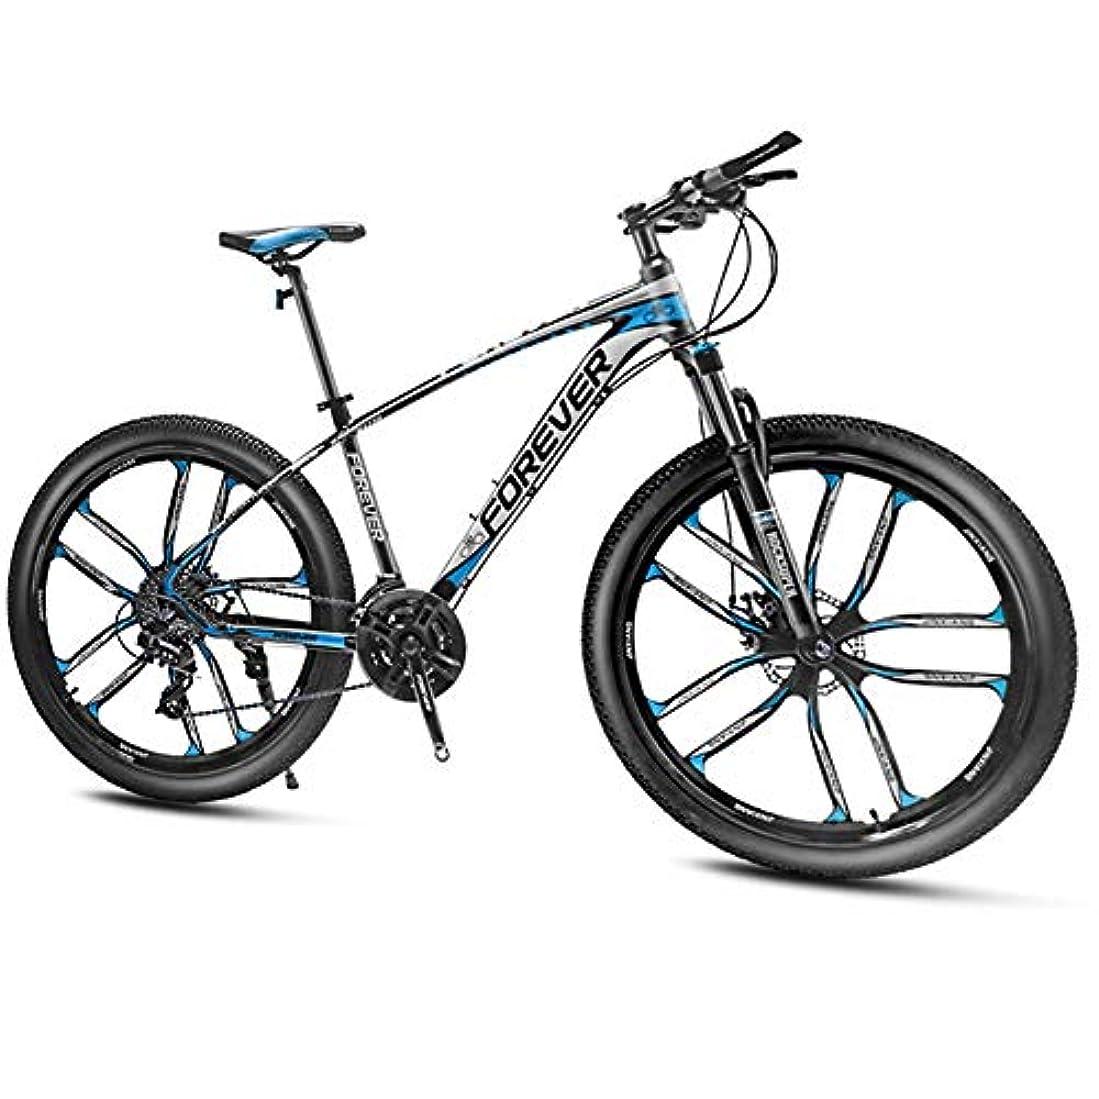 バター面白いシーボード27.5インチマウンテンバイク、メンズアルミフレームマウンテントレイルバイク、フロントサスペンション付きアダルトハードテールマウンテンバイク、24-27-30スピードスリップ防止バイク,Blue 10 spoke,27 speed